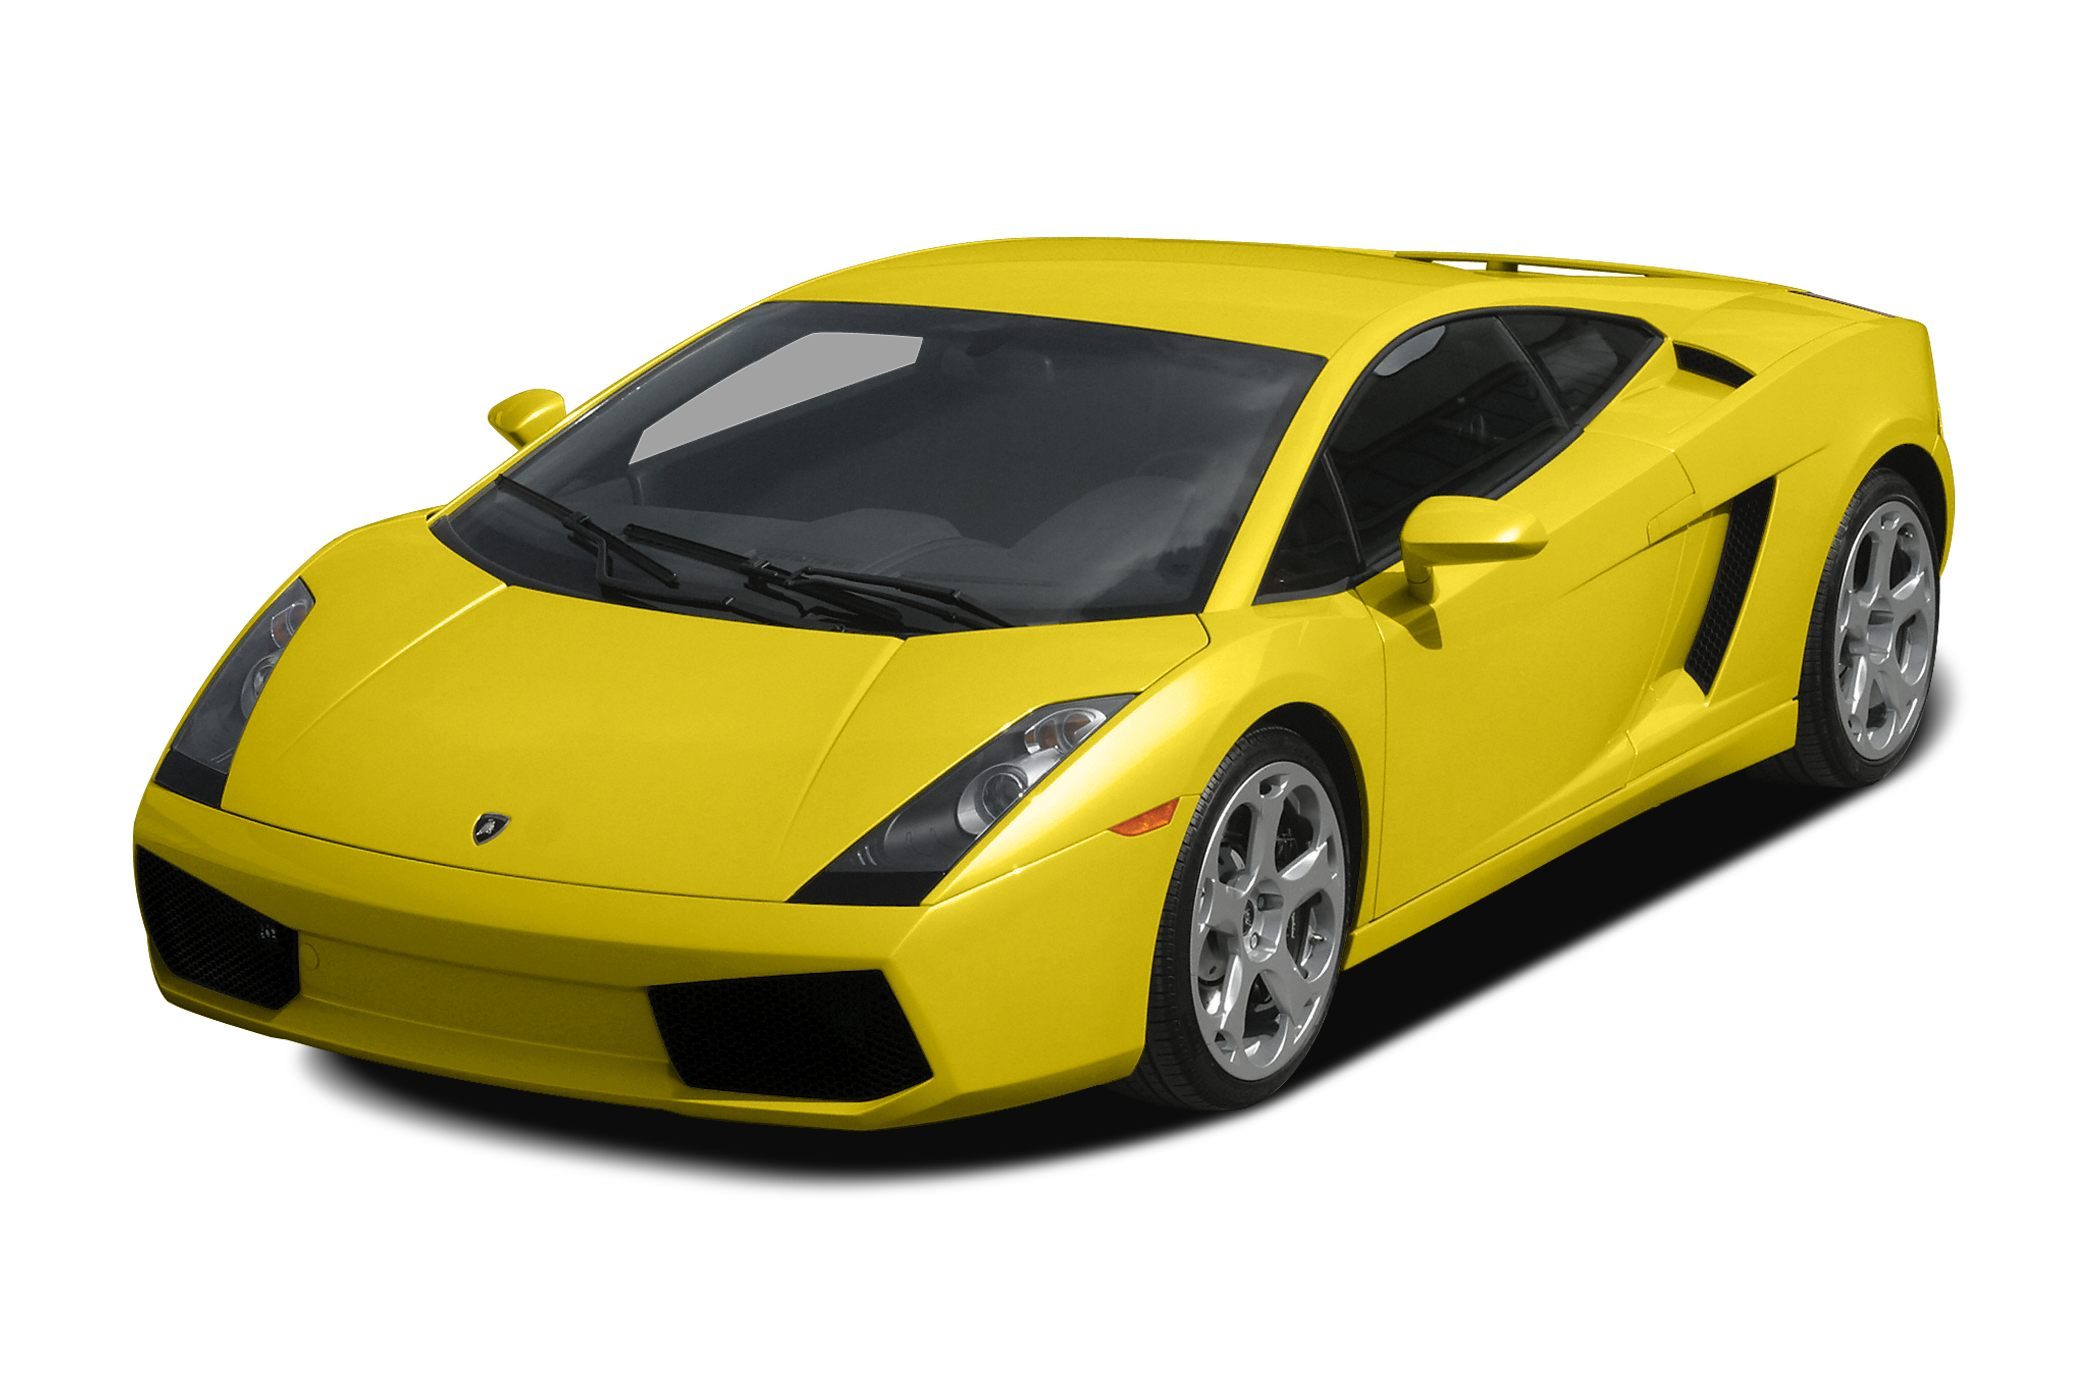 2008 Lamborghini Gallardo Superleggera 2dr Coupe Specs And Prices